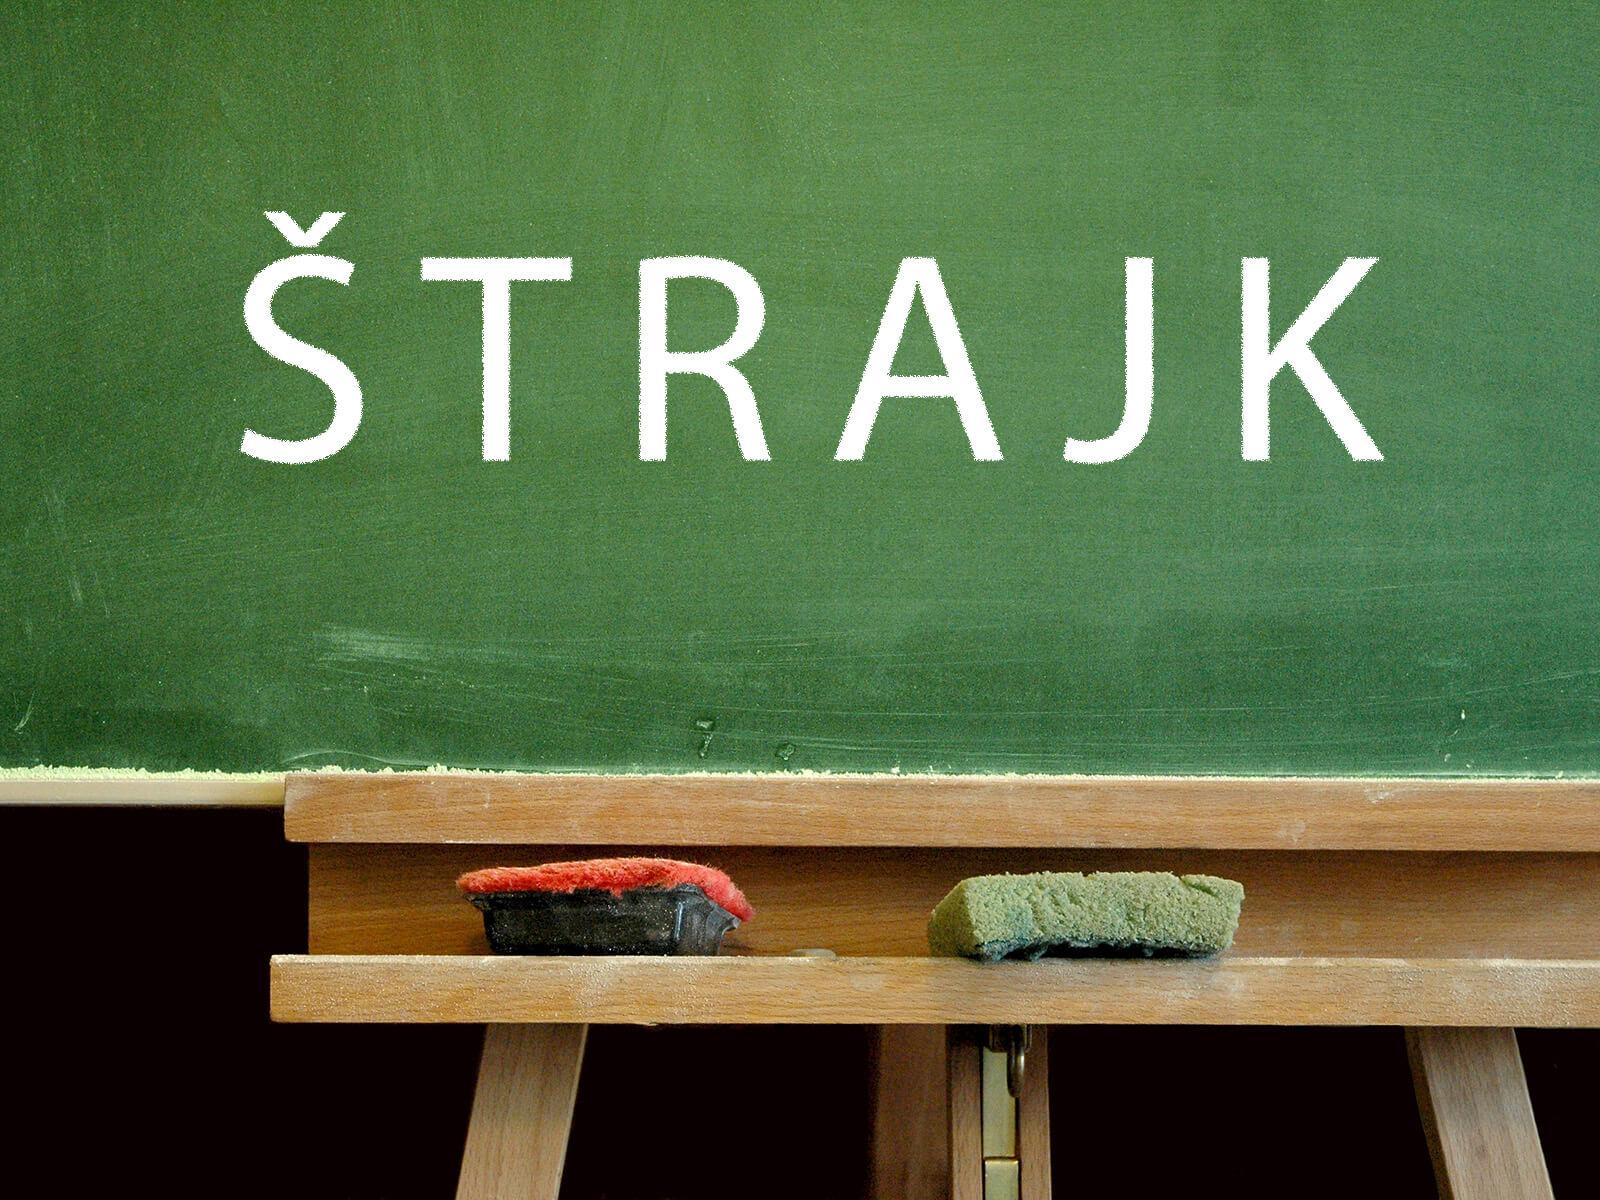 Još jedan udarac za ministra Aladrovića: Profesori i učitelji sutra idu u štrajk